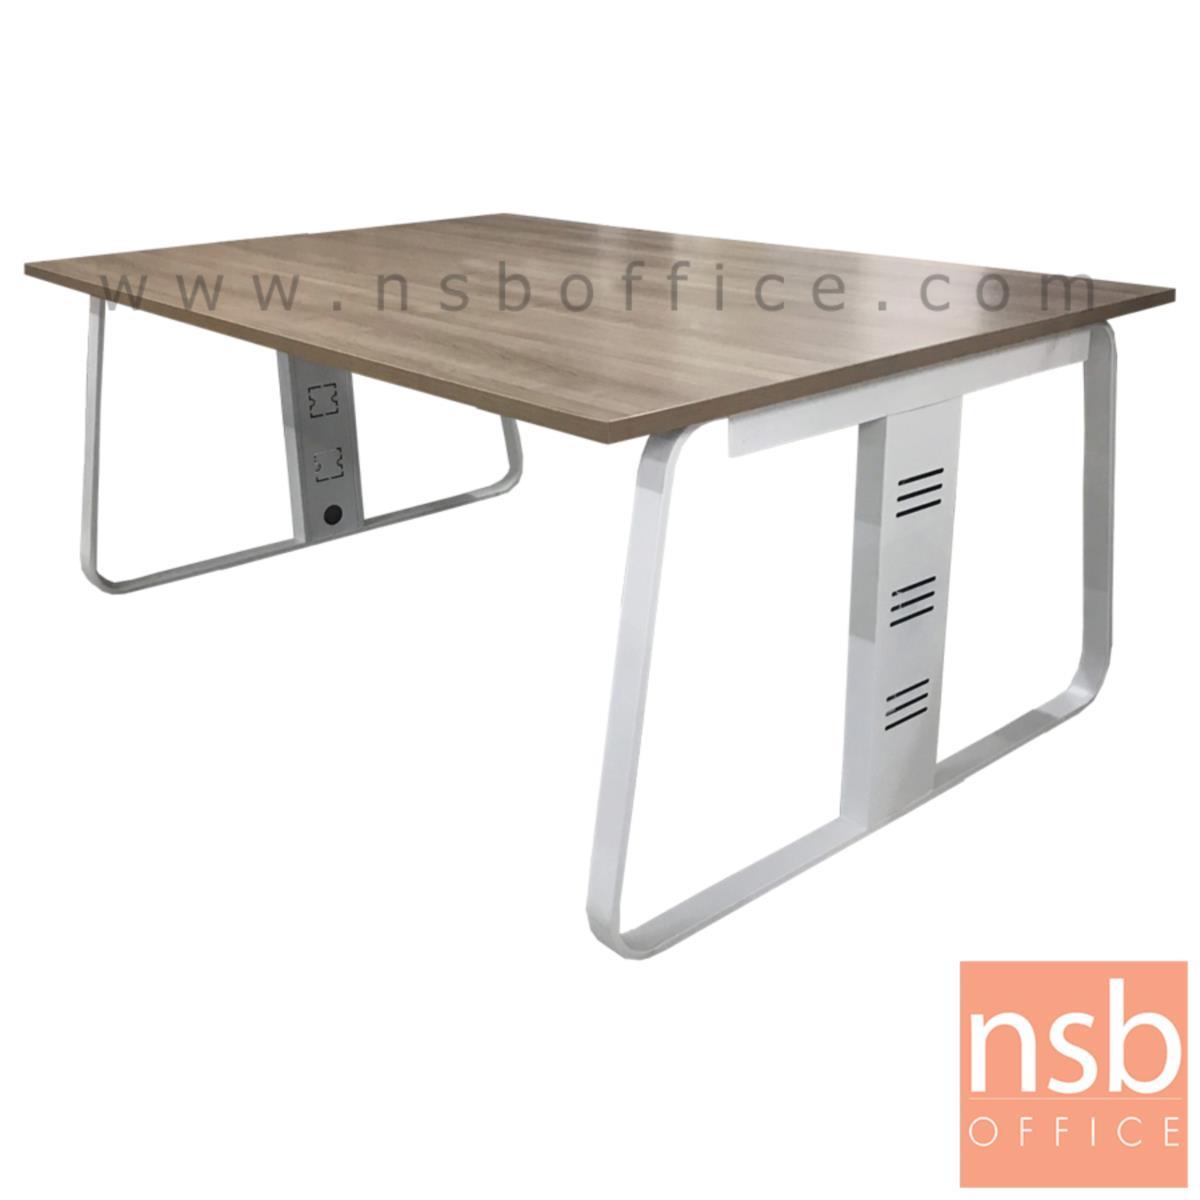 A18A051:โต๊ะประชุมสี่เหลี่ยม รุ่น Thwaites (ทเวทส์) ขนาด 180W, 240W cm.  พร้อมรางไฟใต้โต๊ะ ขาเหล็กทรงแจกัน